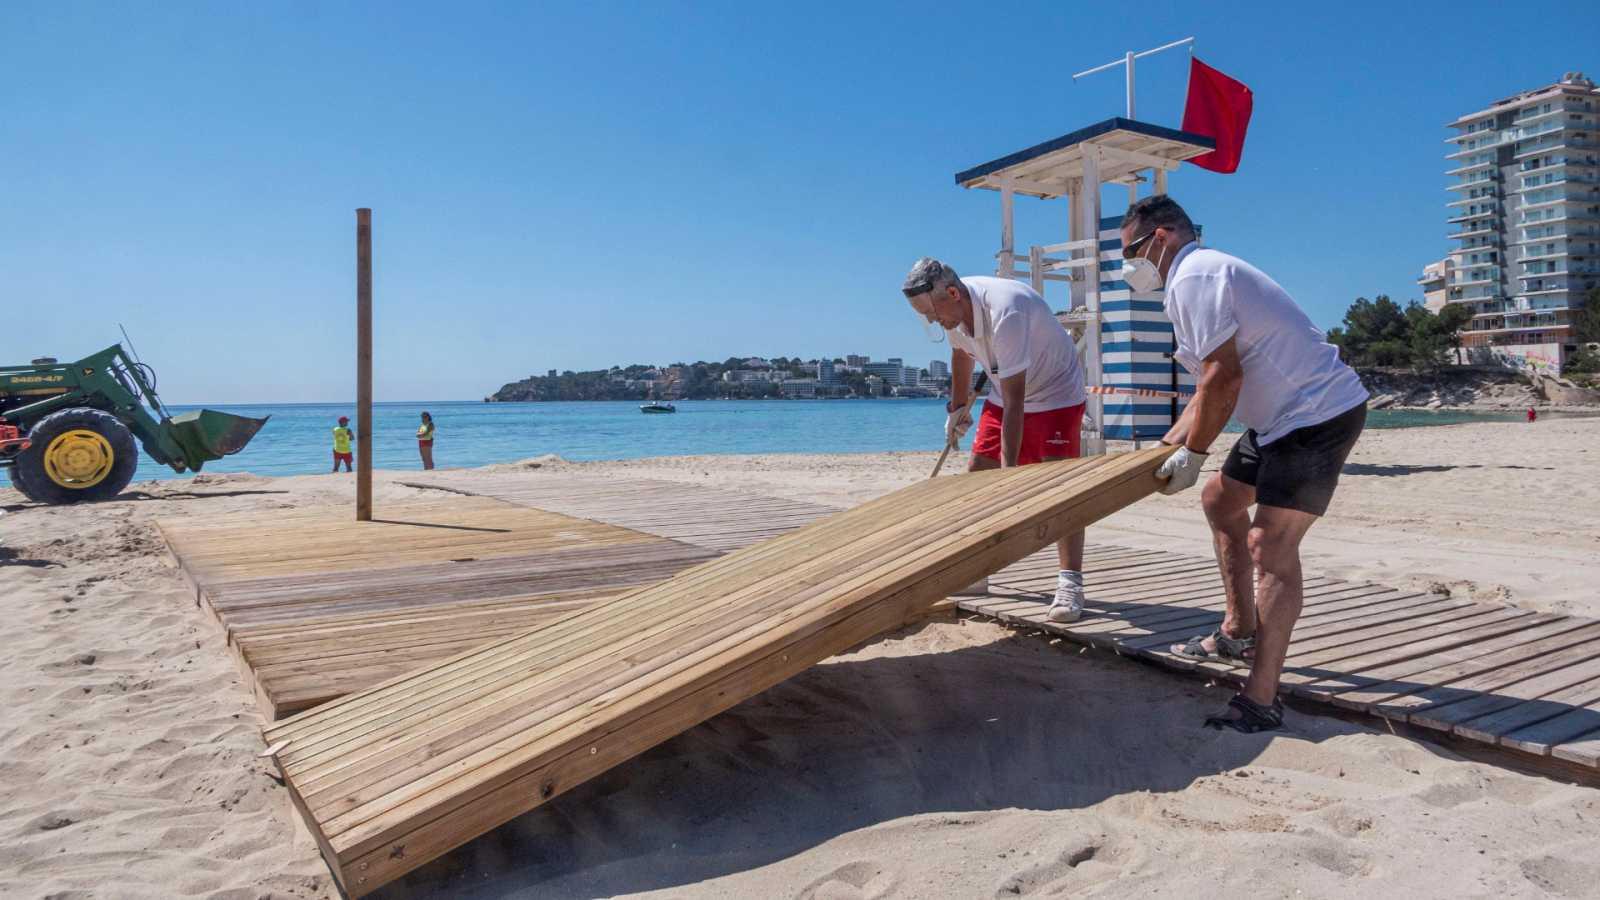 El plan 'anti-COVID' para playas: aforo limitado, distancias de seguridad y más desinfección